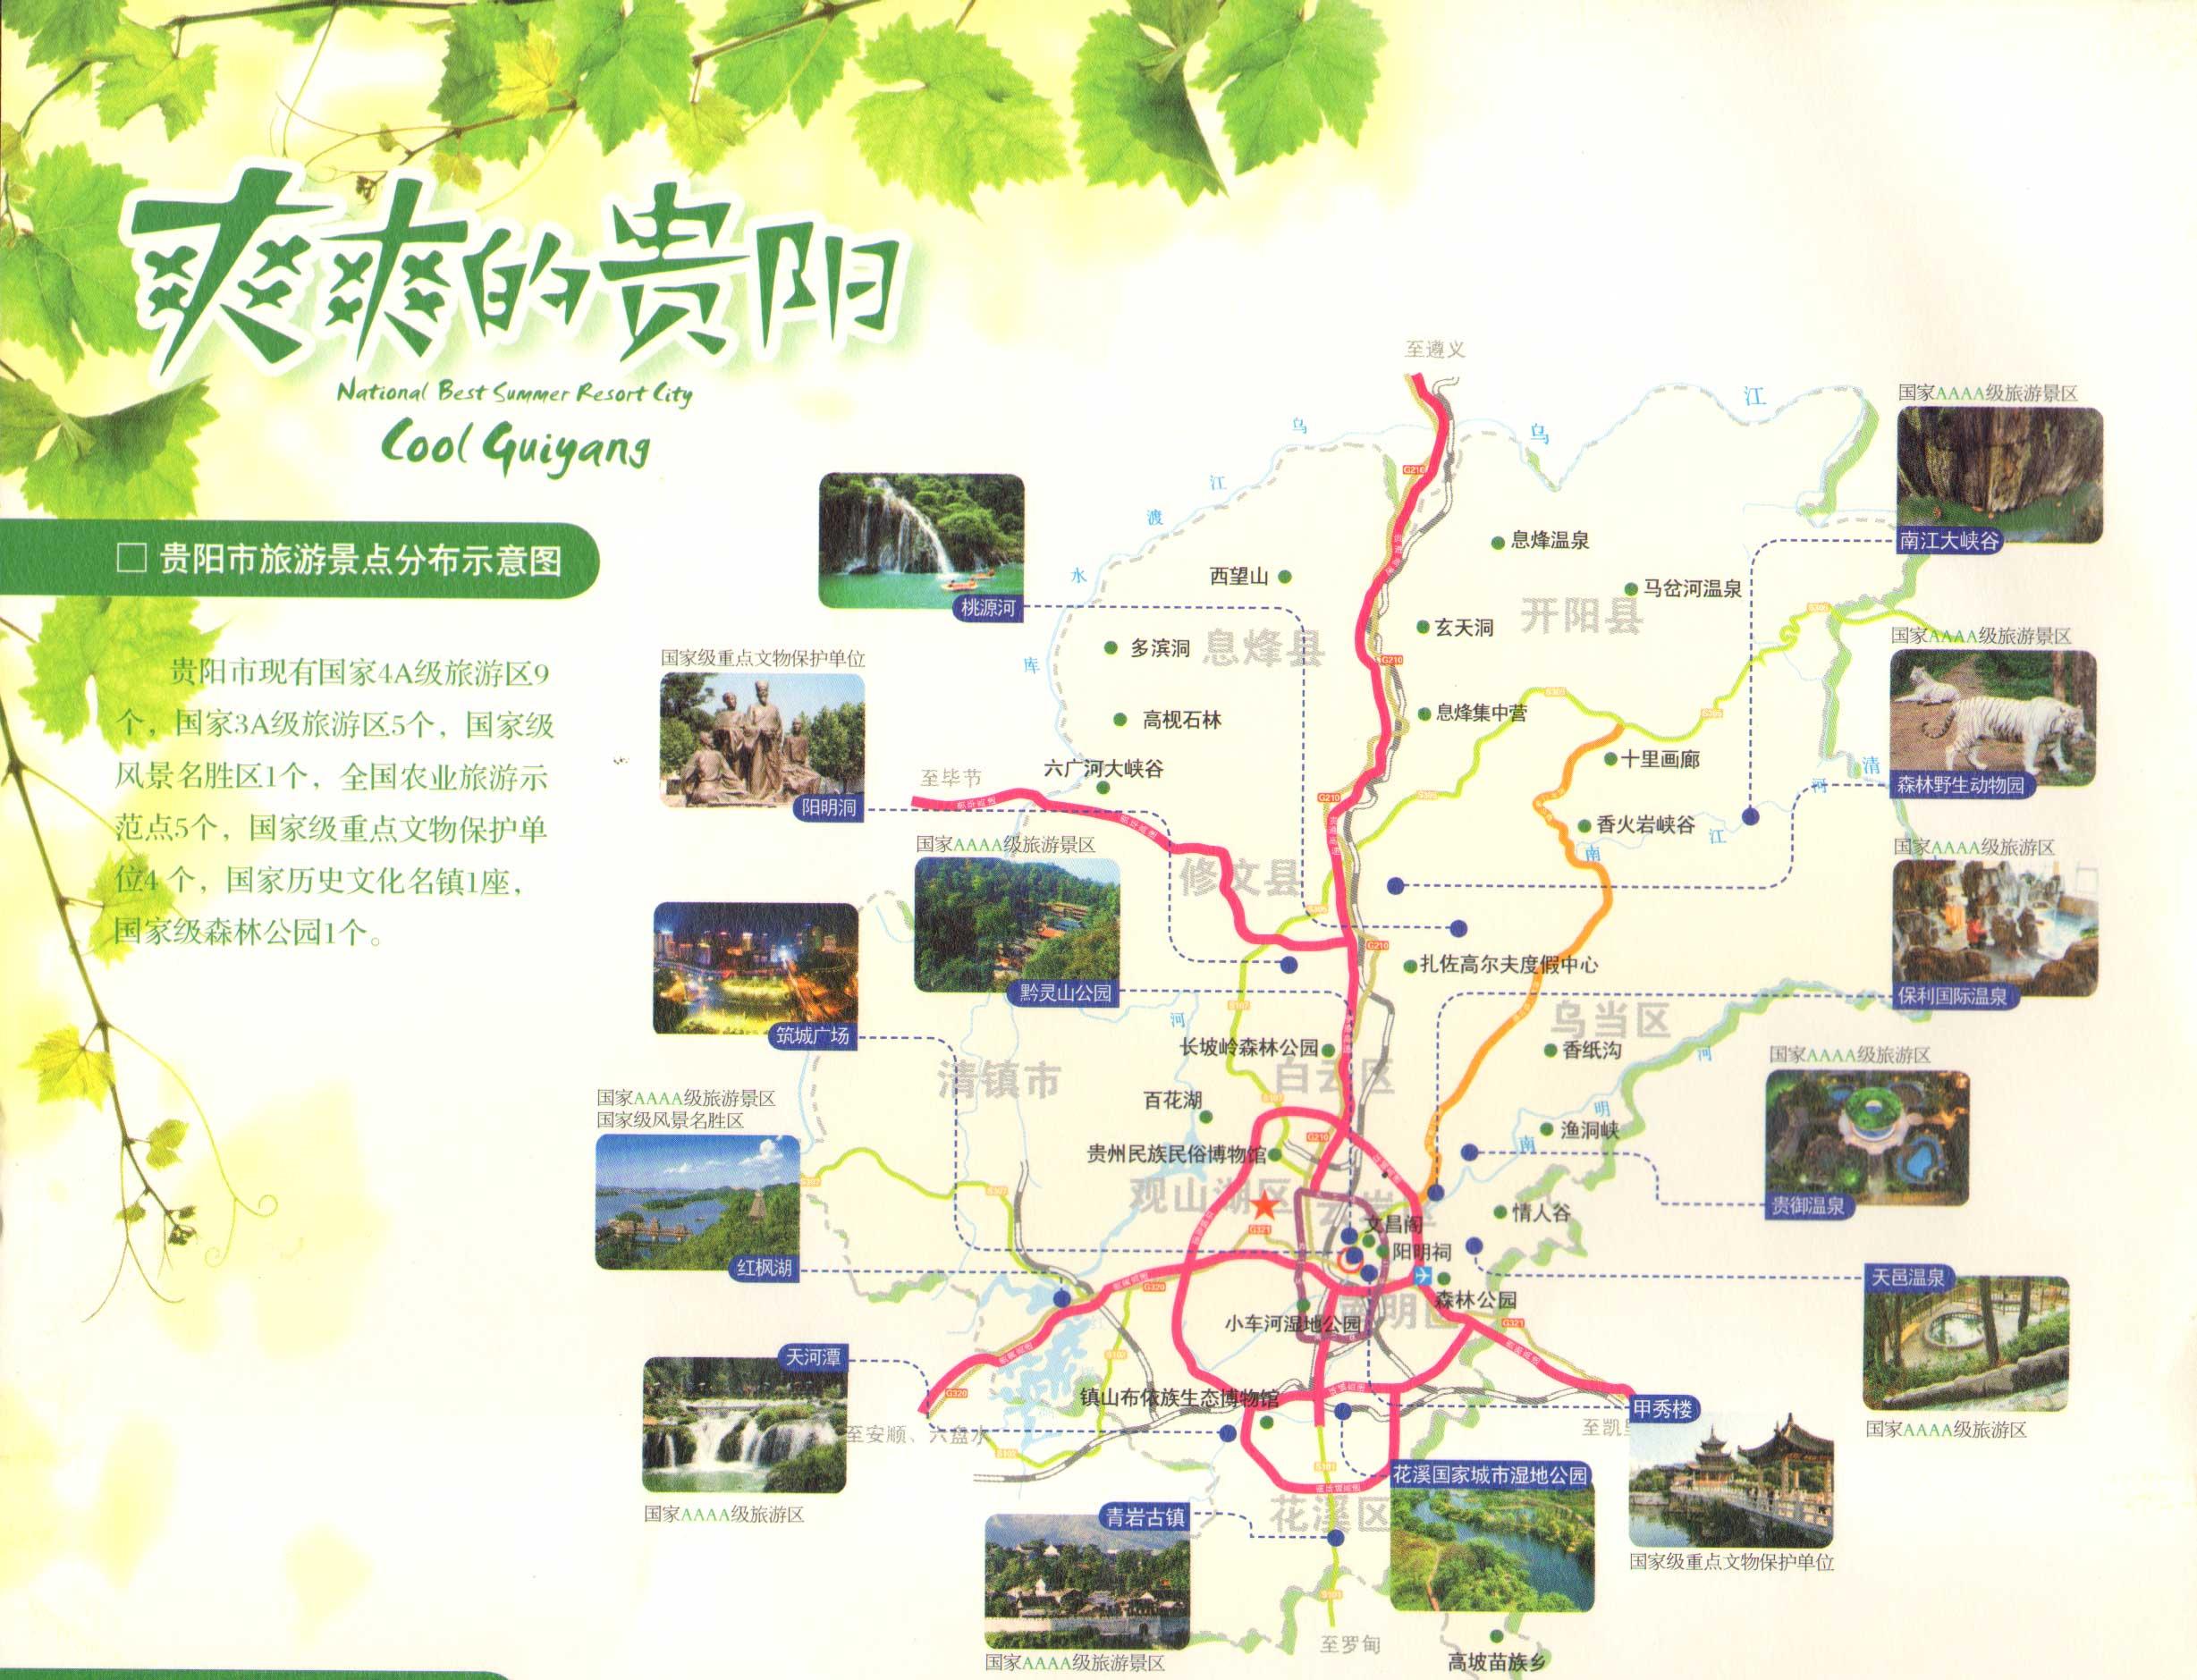 贵州省卫星地图 - 贵州省、市、县、村各级地图浏览